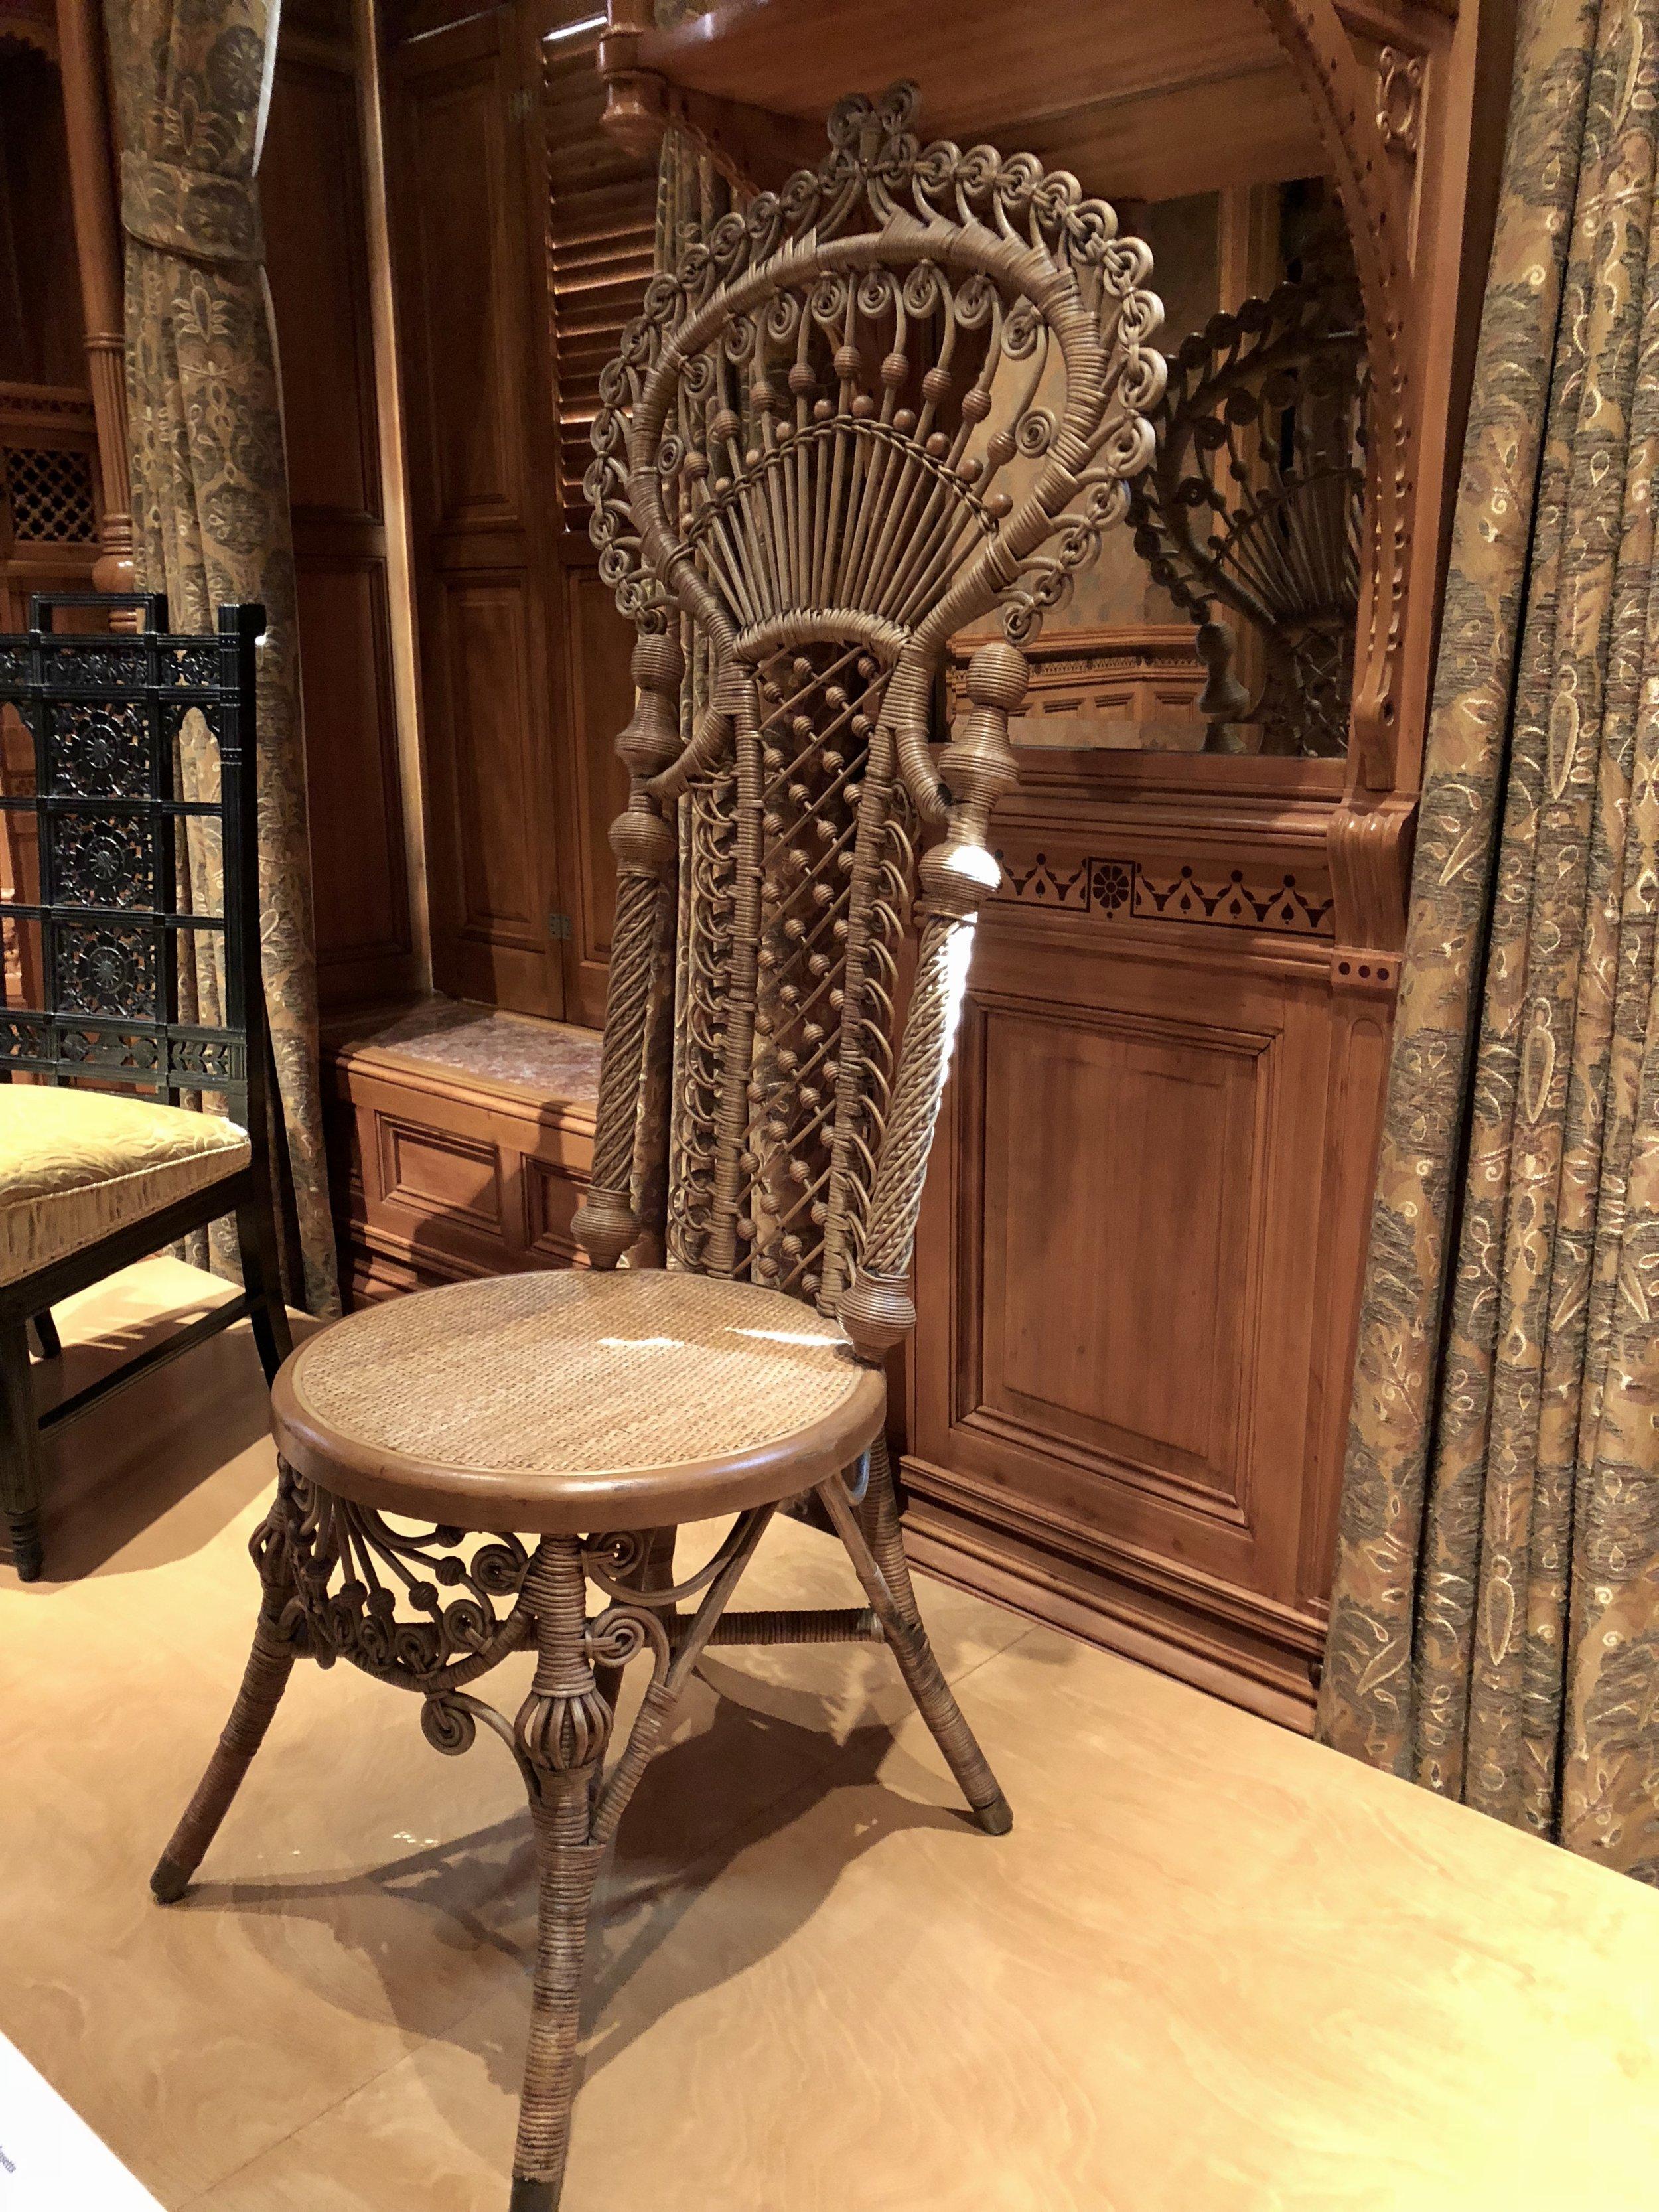 iunpatterned-driehaus-chair-7.jpg